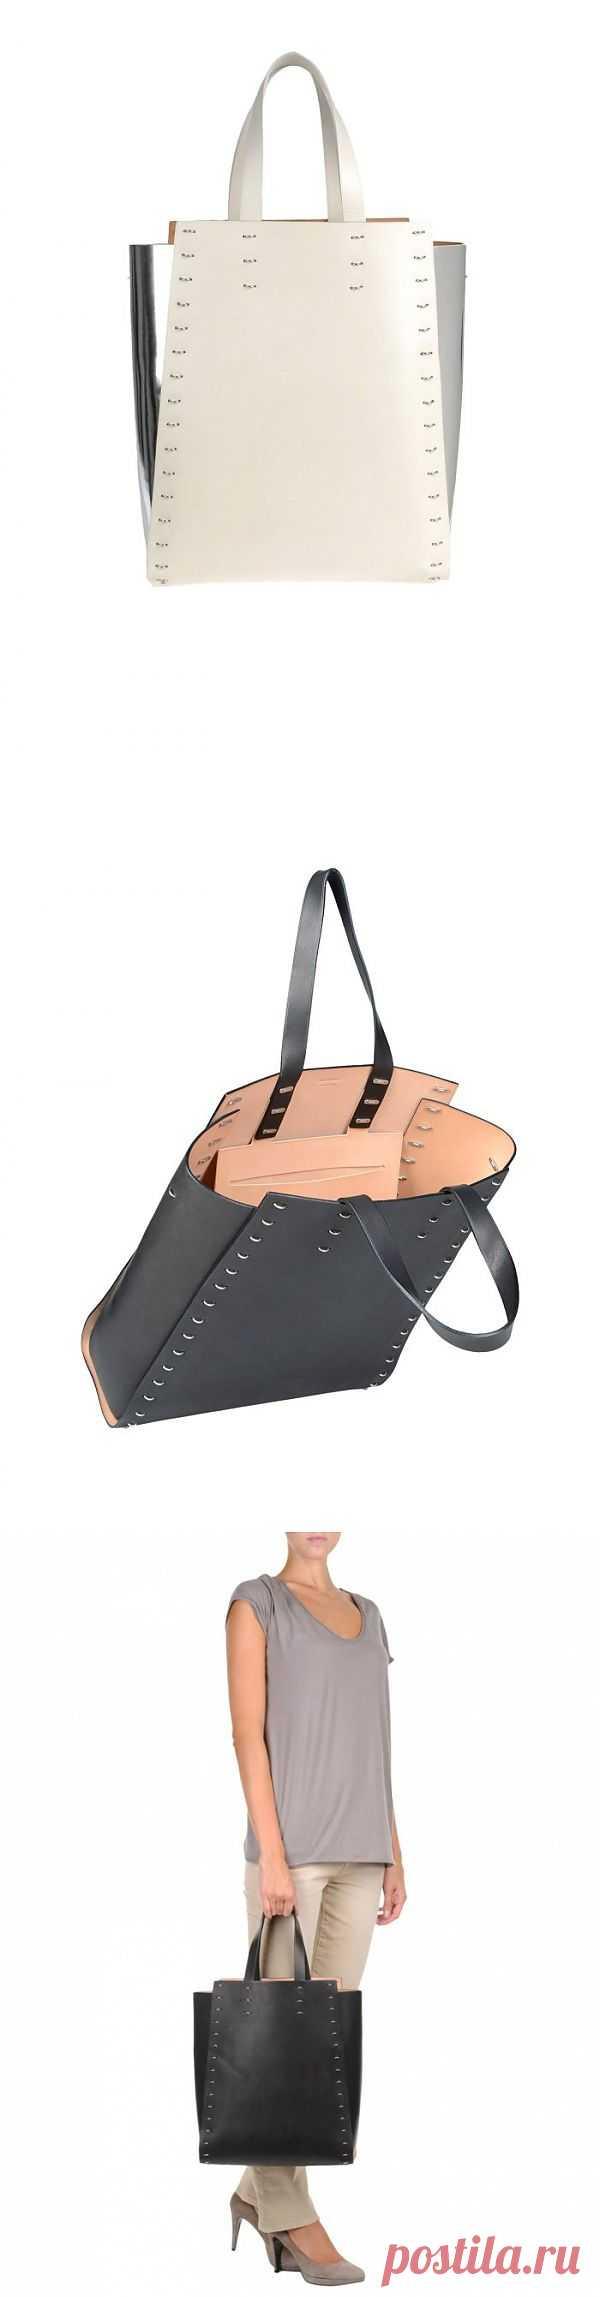 Большая кожаная сумка на скобах от Paco Rabanne (трафик) / Сумки, клатчи, чемоданы / Модный сайт о стильной переделке одежды и интерьера